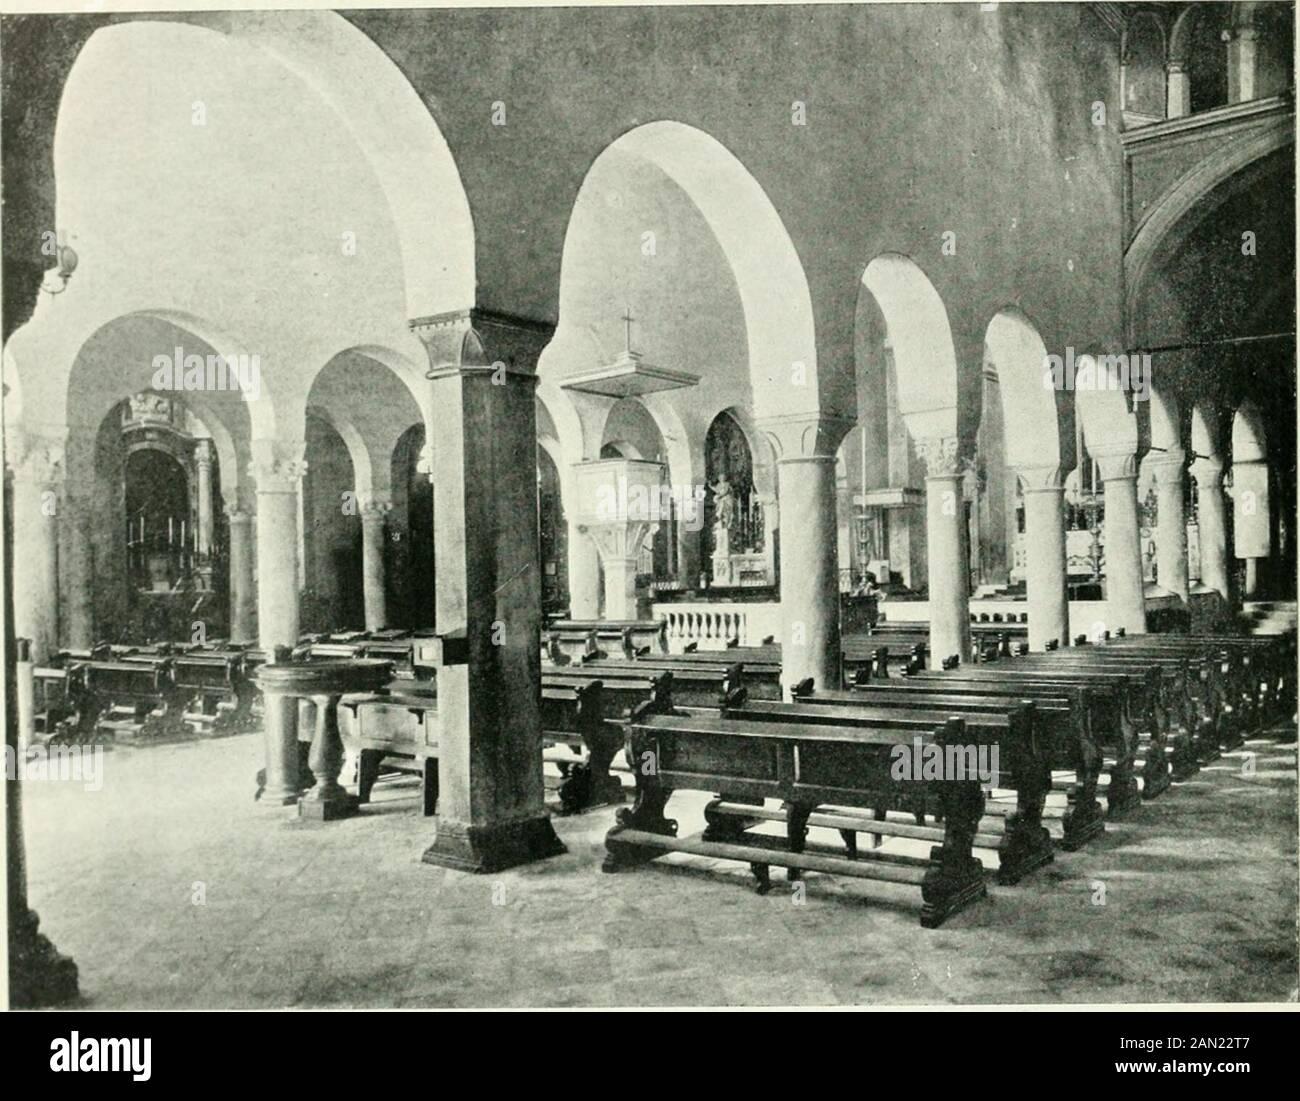 Trieste . STATUA DI S. GIUSTO NEL CAMPANILE. (Fot. Alinari). PE-gr, tat •? P™ ? N Ito ° ? * * * * * * * * * * * * * * * * * * * * * * * * * * * * * * * * * * * * * * * * * 34 ITALIA ARTISTICA Di contro al campanile è la camera mortuaria, dove un tempo era la chiesettadi S. Pietro, detto in Carnale, perchè era inclusa nellarea del camposanto; sotto ilsagrato dormono nana sonno i morti di secoli, dal XIV fino al XIX : frale lapidi di vario stile meritava specialmente uno sguardo quella che diceva di con-tenere le Foto de stock